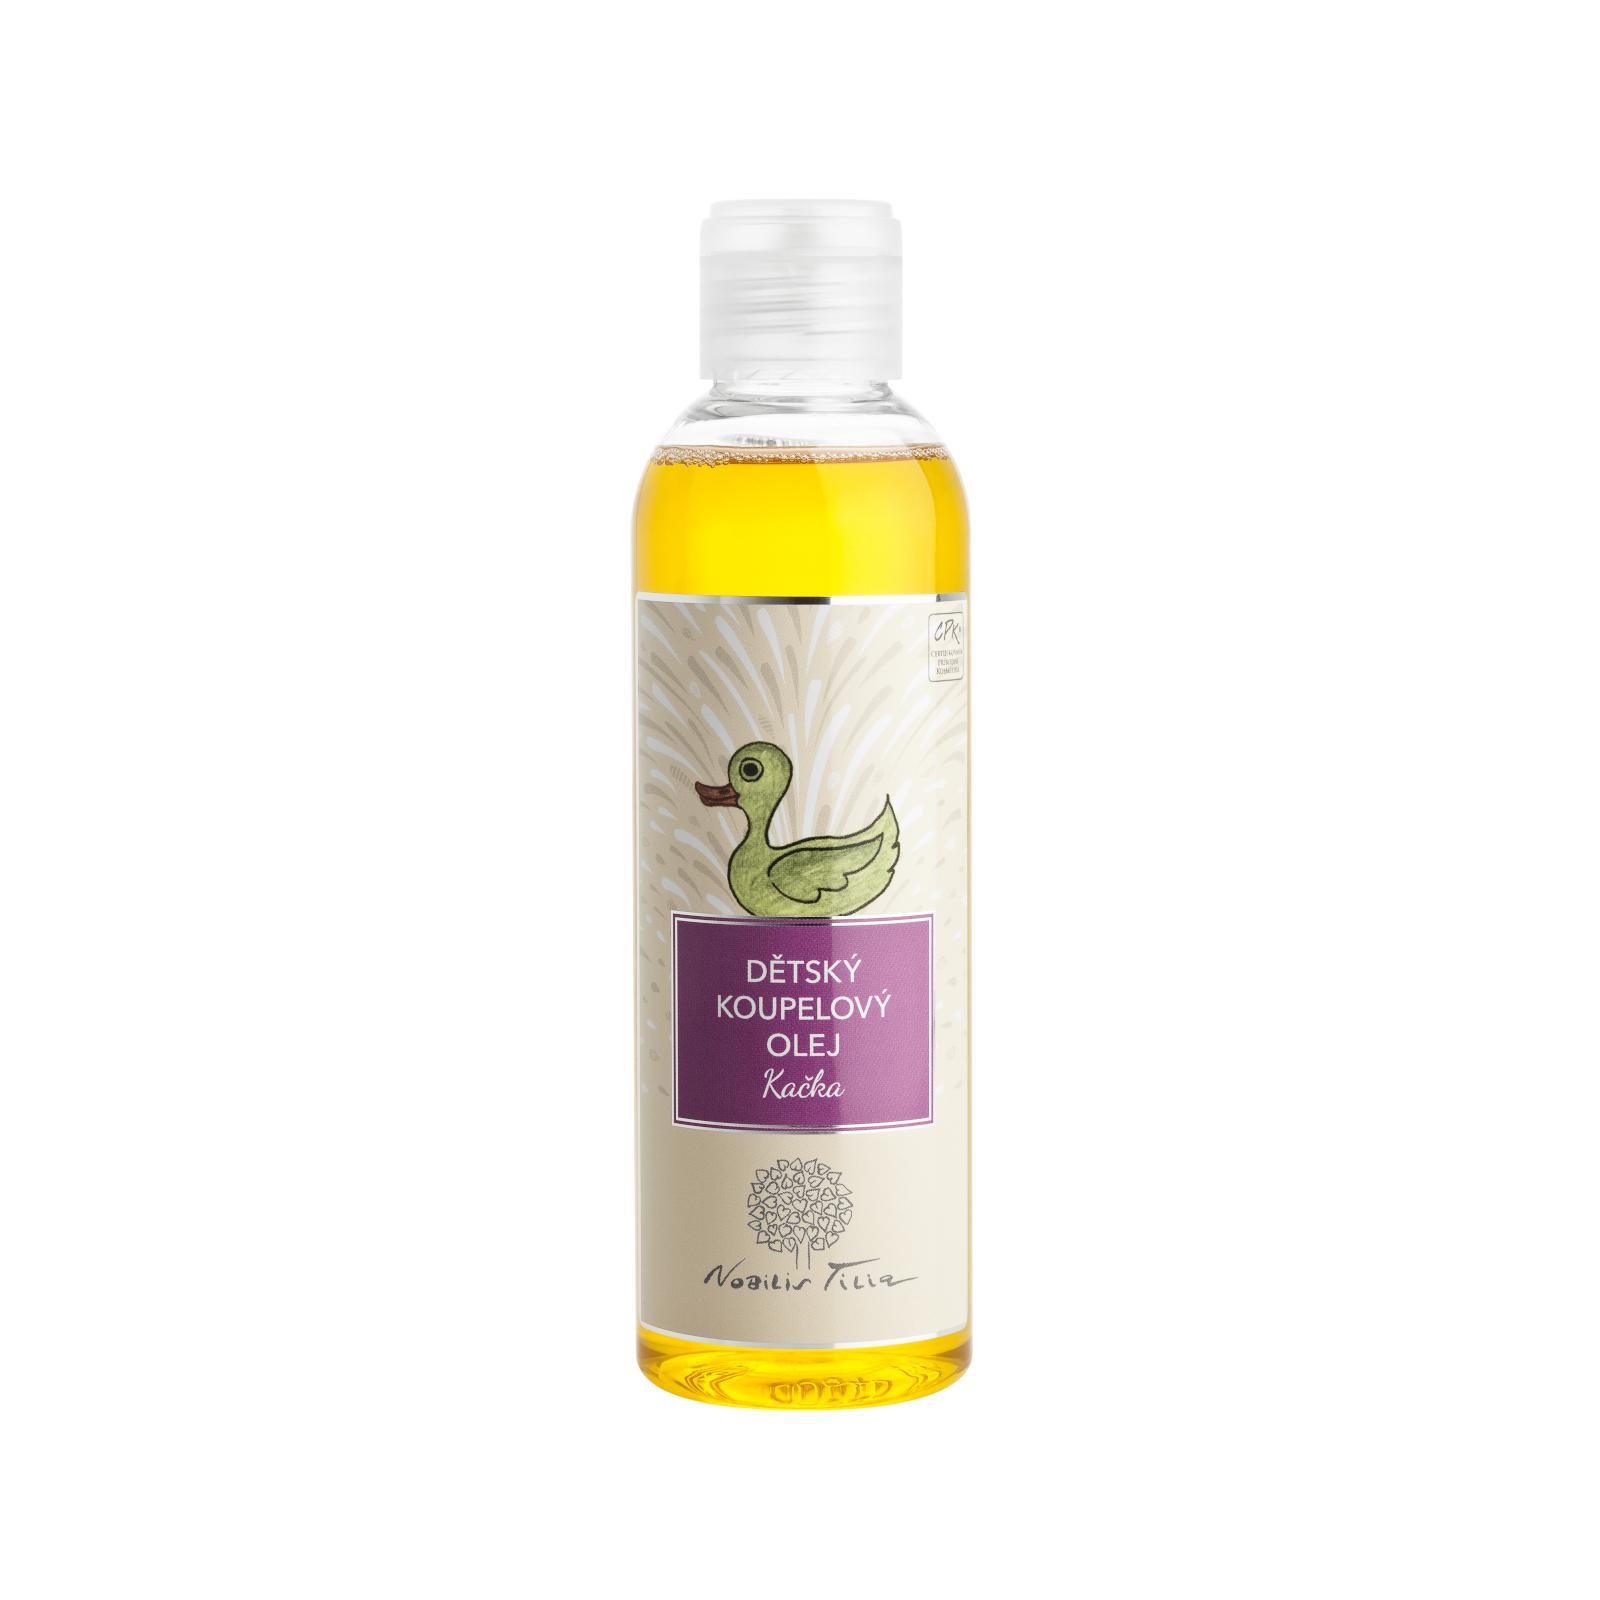 Nobilis Tilia Koupelový olej dětský s mandarinkou 200 ml